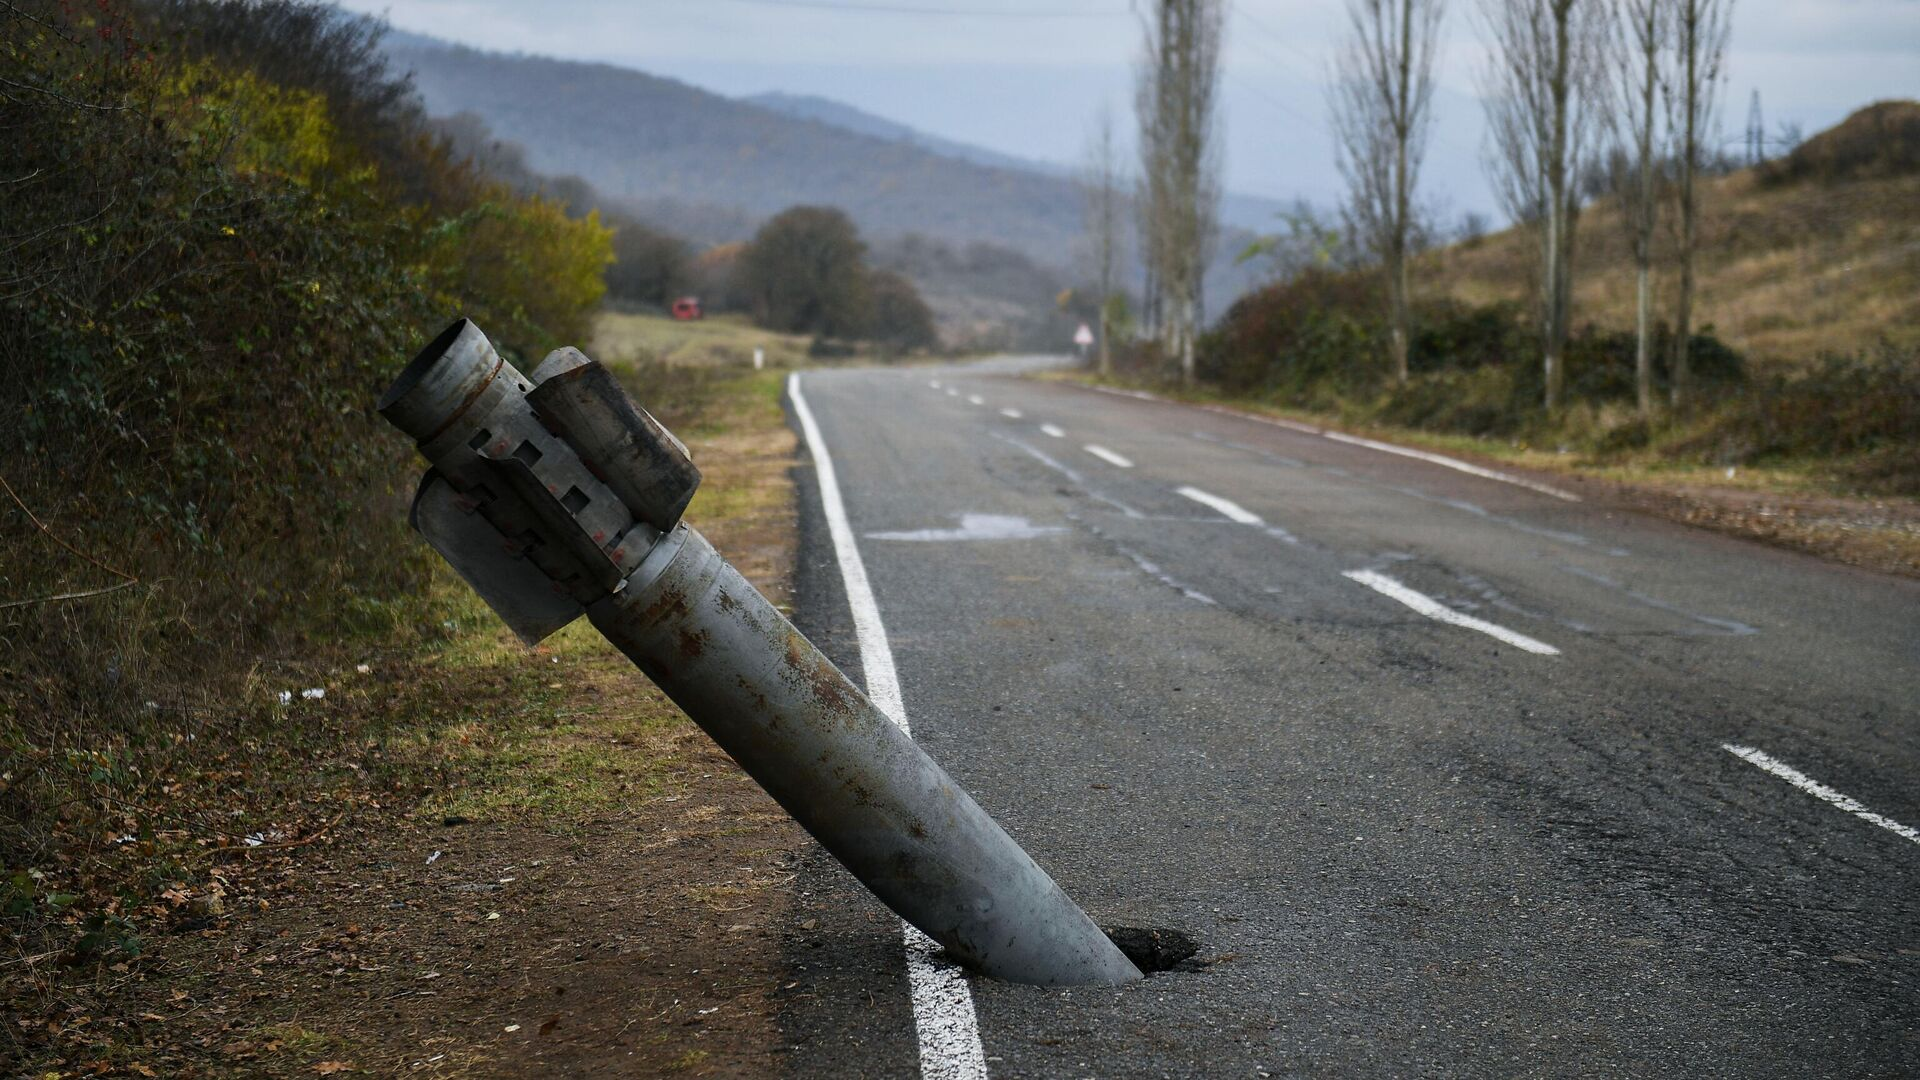 Неразорвавшийся снаряд на автомобильной дороге в Мартакерт в Нагорном Карабахе - РИА Новости, 1920, 28.11.2020